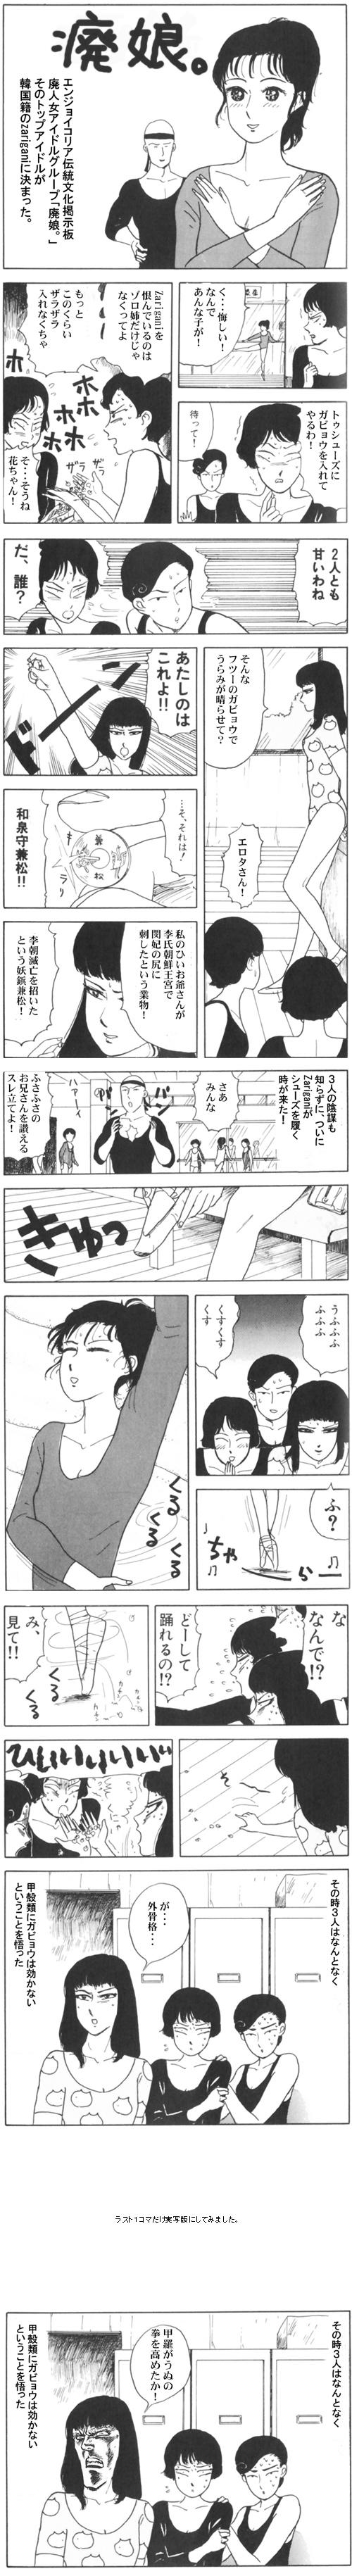 ロロッタ編